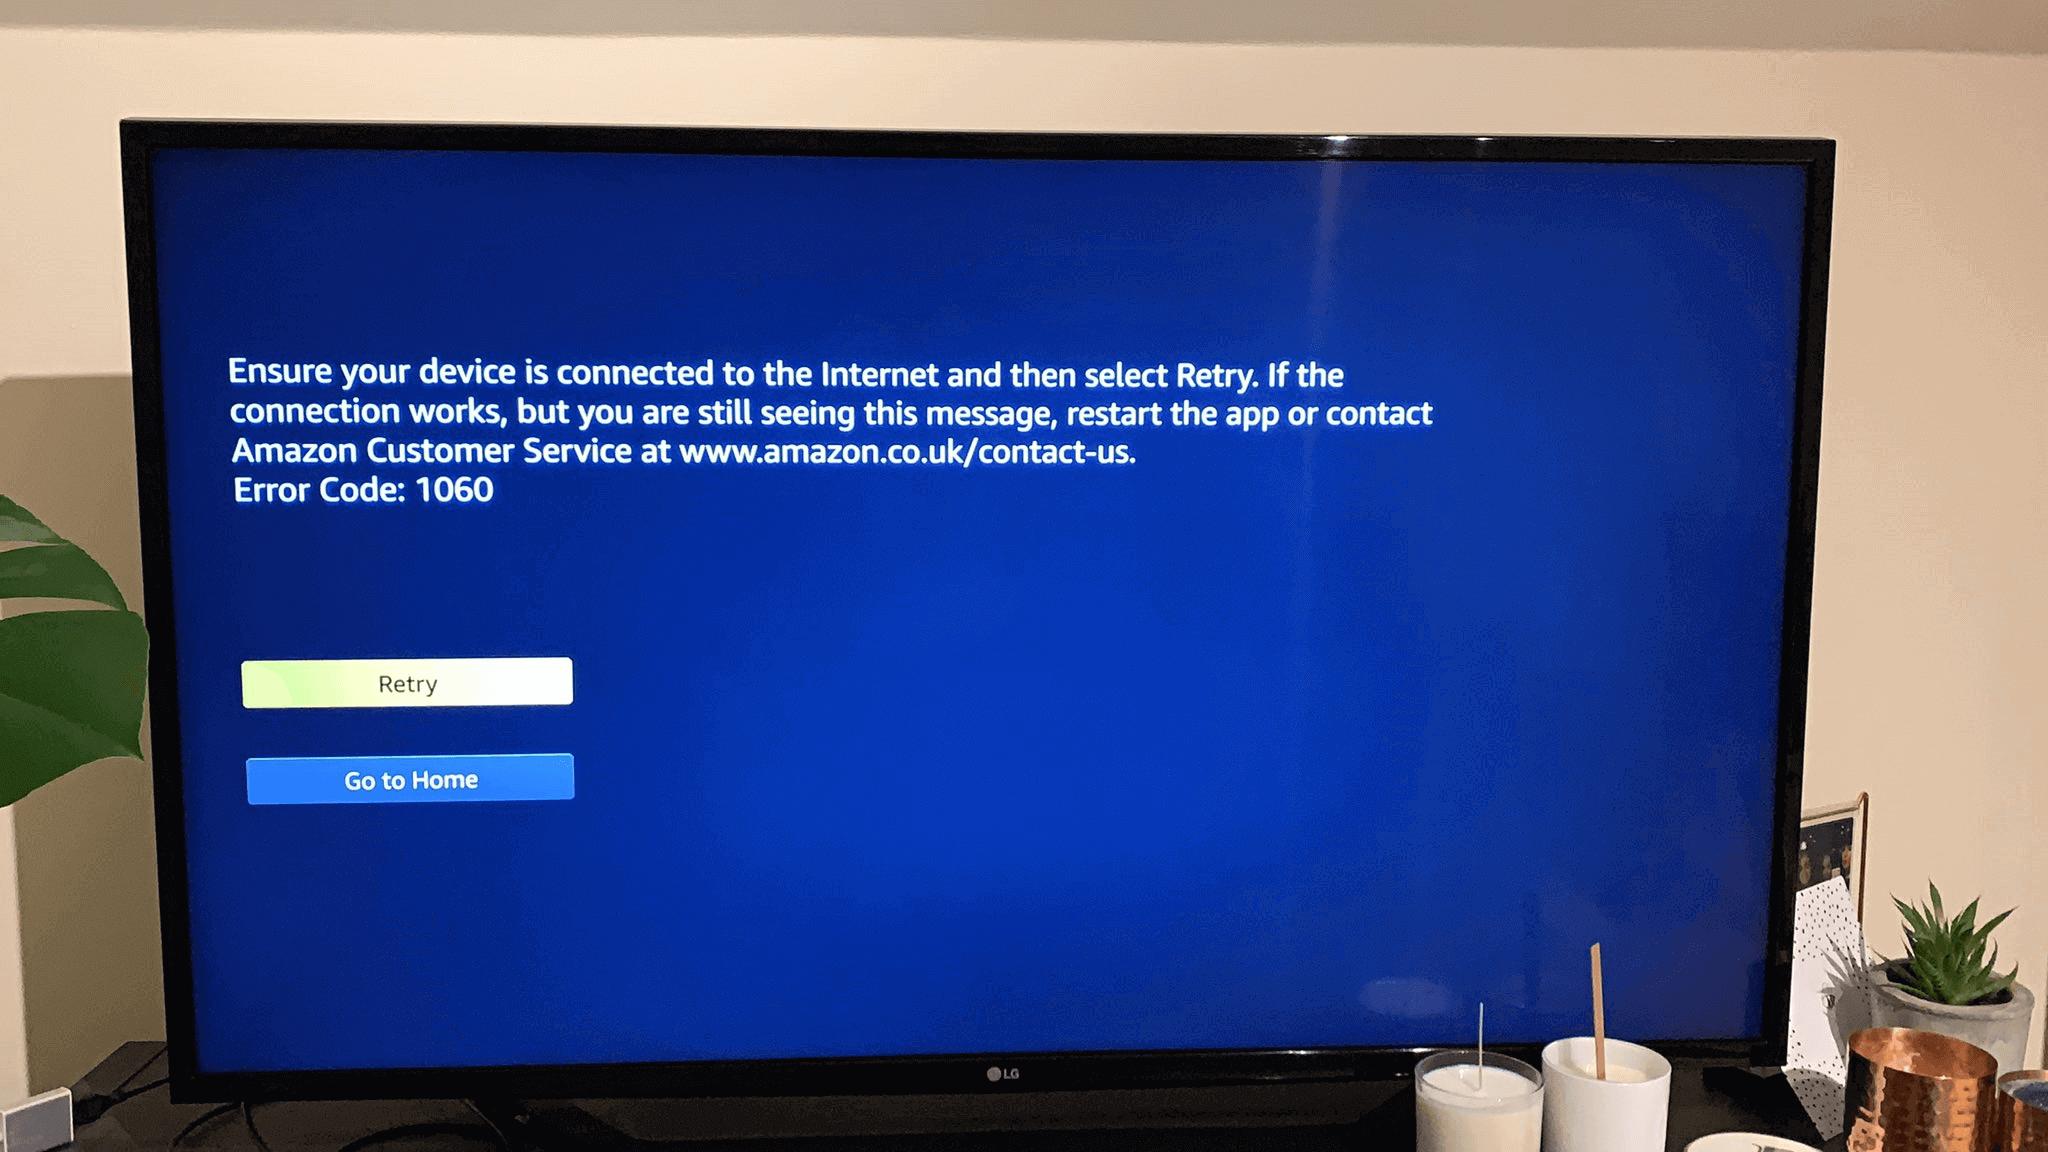 Amazon Error Code 1060